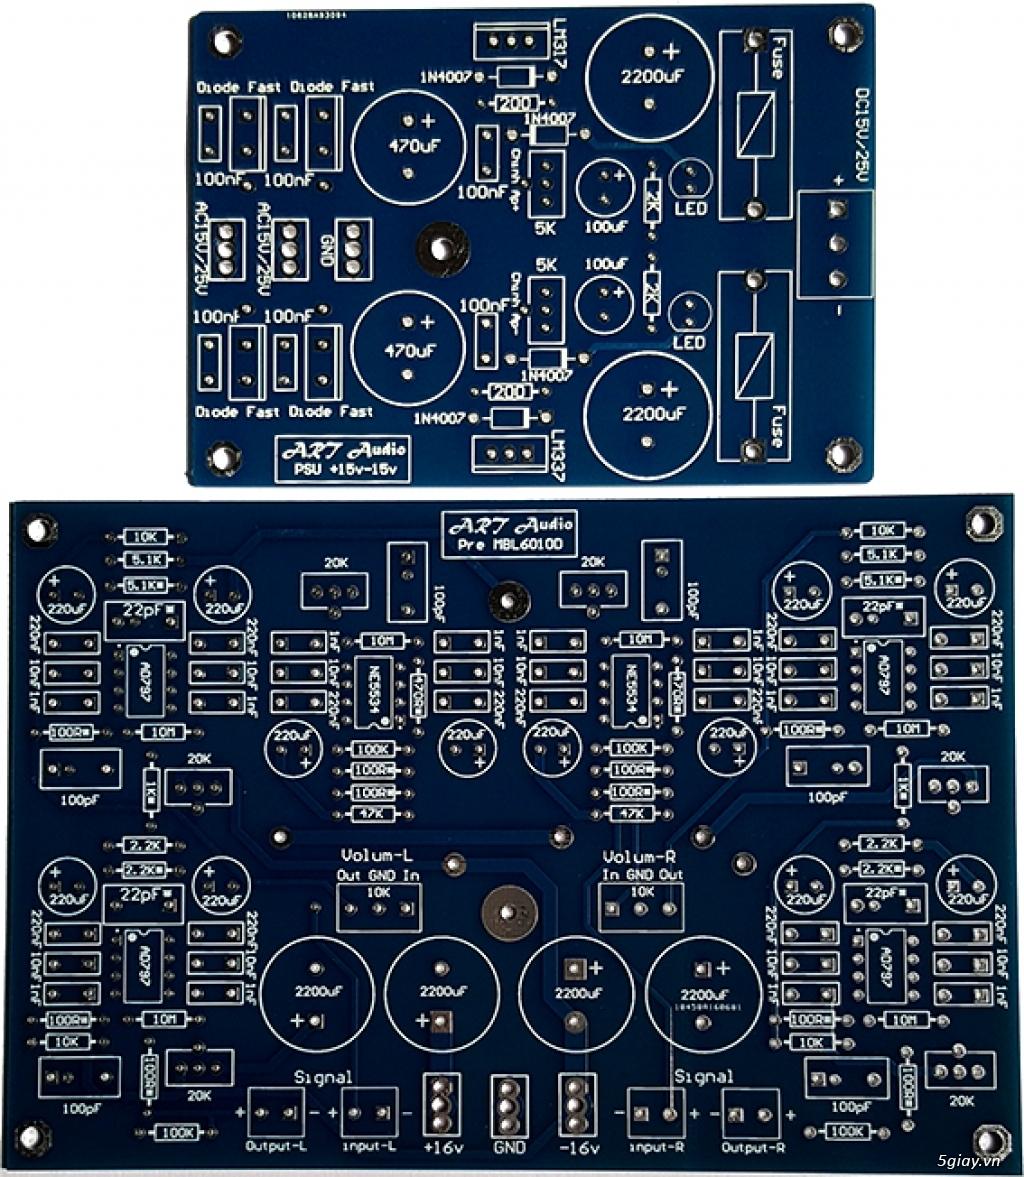 Linh kiện điện tử, PCB và DIY kit cho High-end Audio . ART Audio - 21